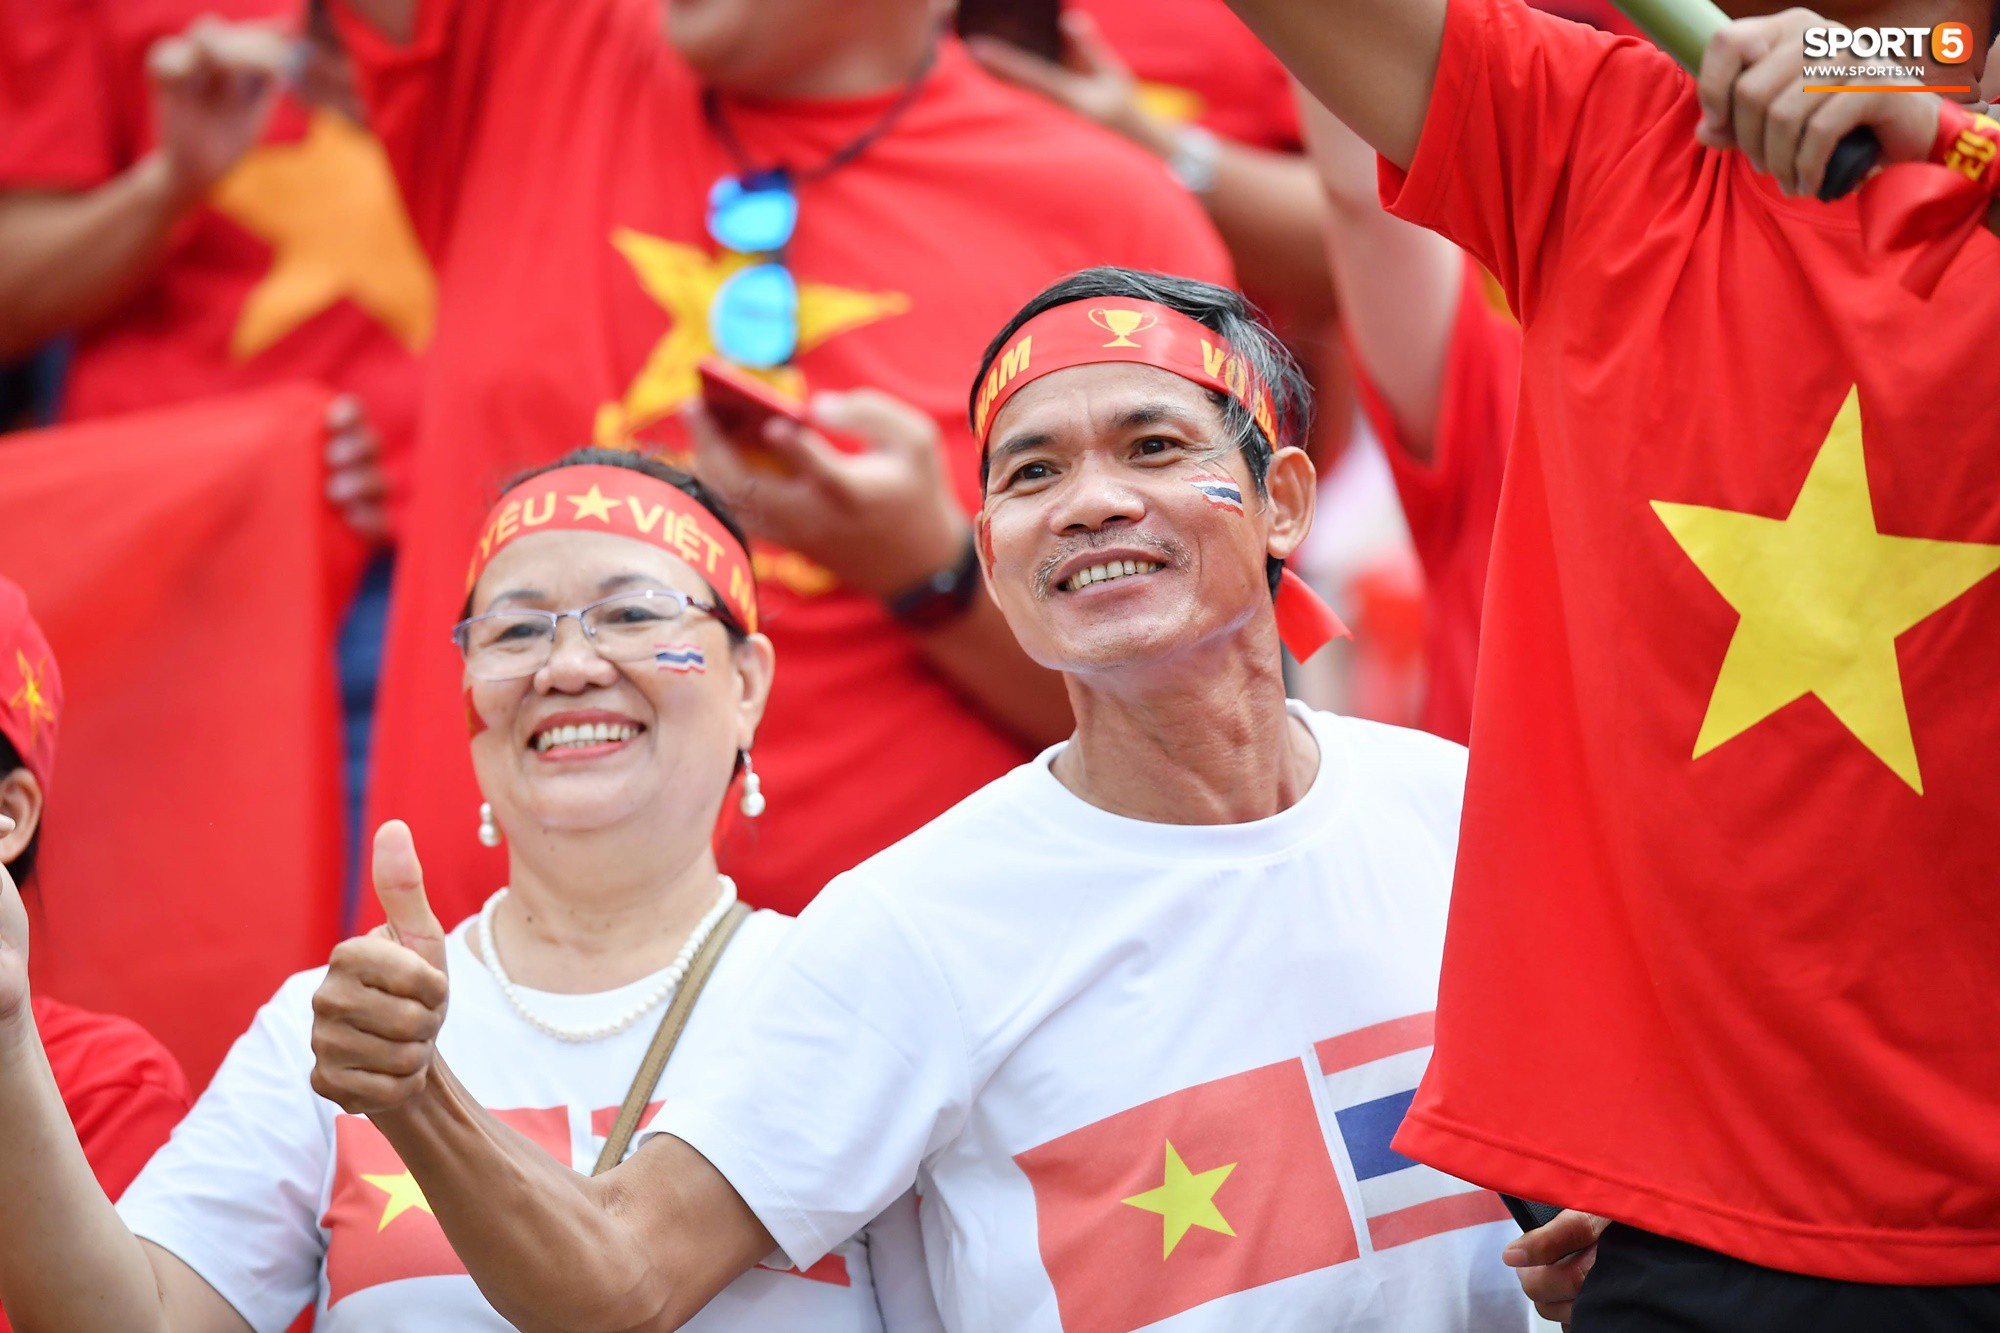 Còn đây là những hình ảnh tuyệt vời mà cổ động viên Việt Nam đã tạo ra tại Thái Lan. Điều này chẳng khác gì đem không khí của Mỹ Đình tới sân Thammasat để tiếp thêm động lực cho các cầu thủ Việt Nam.